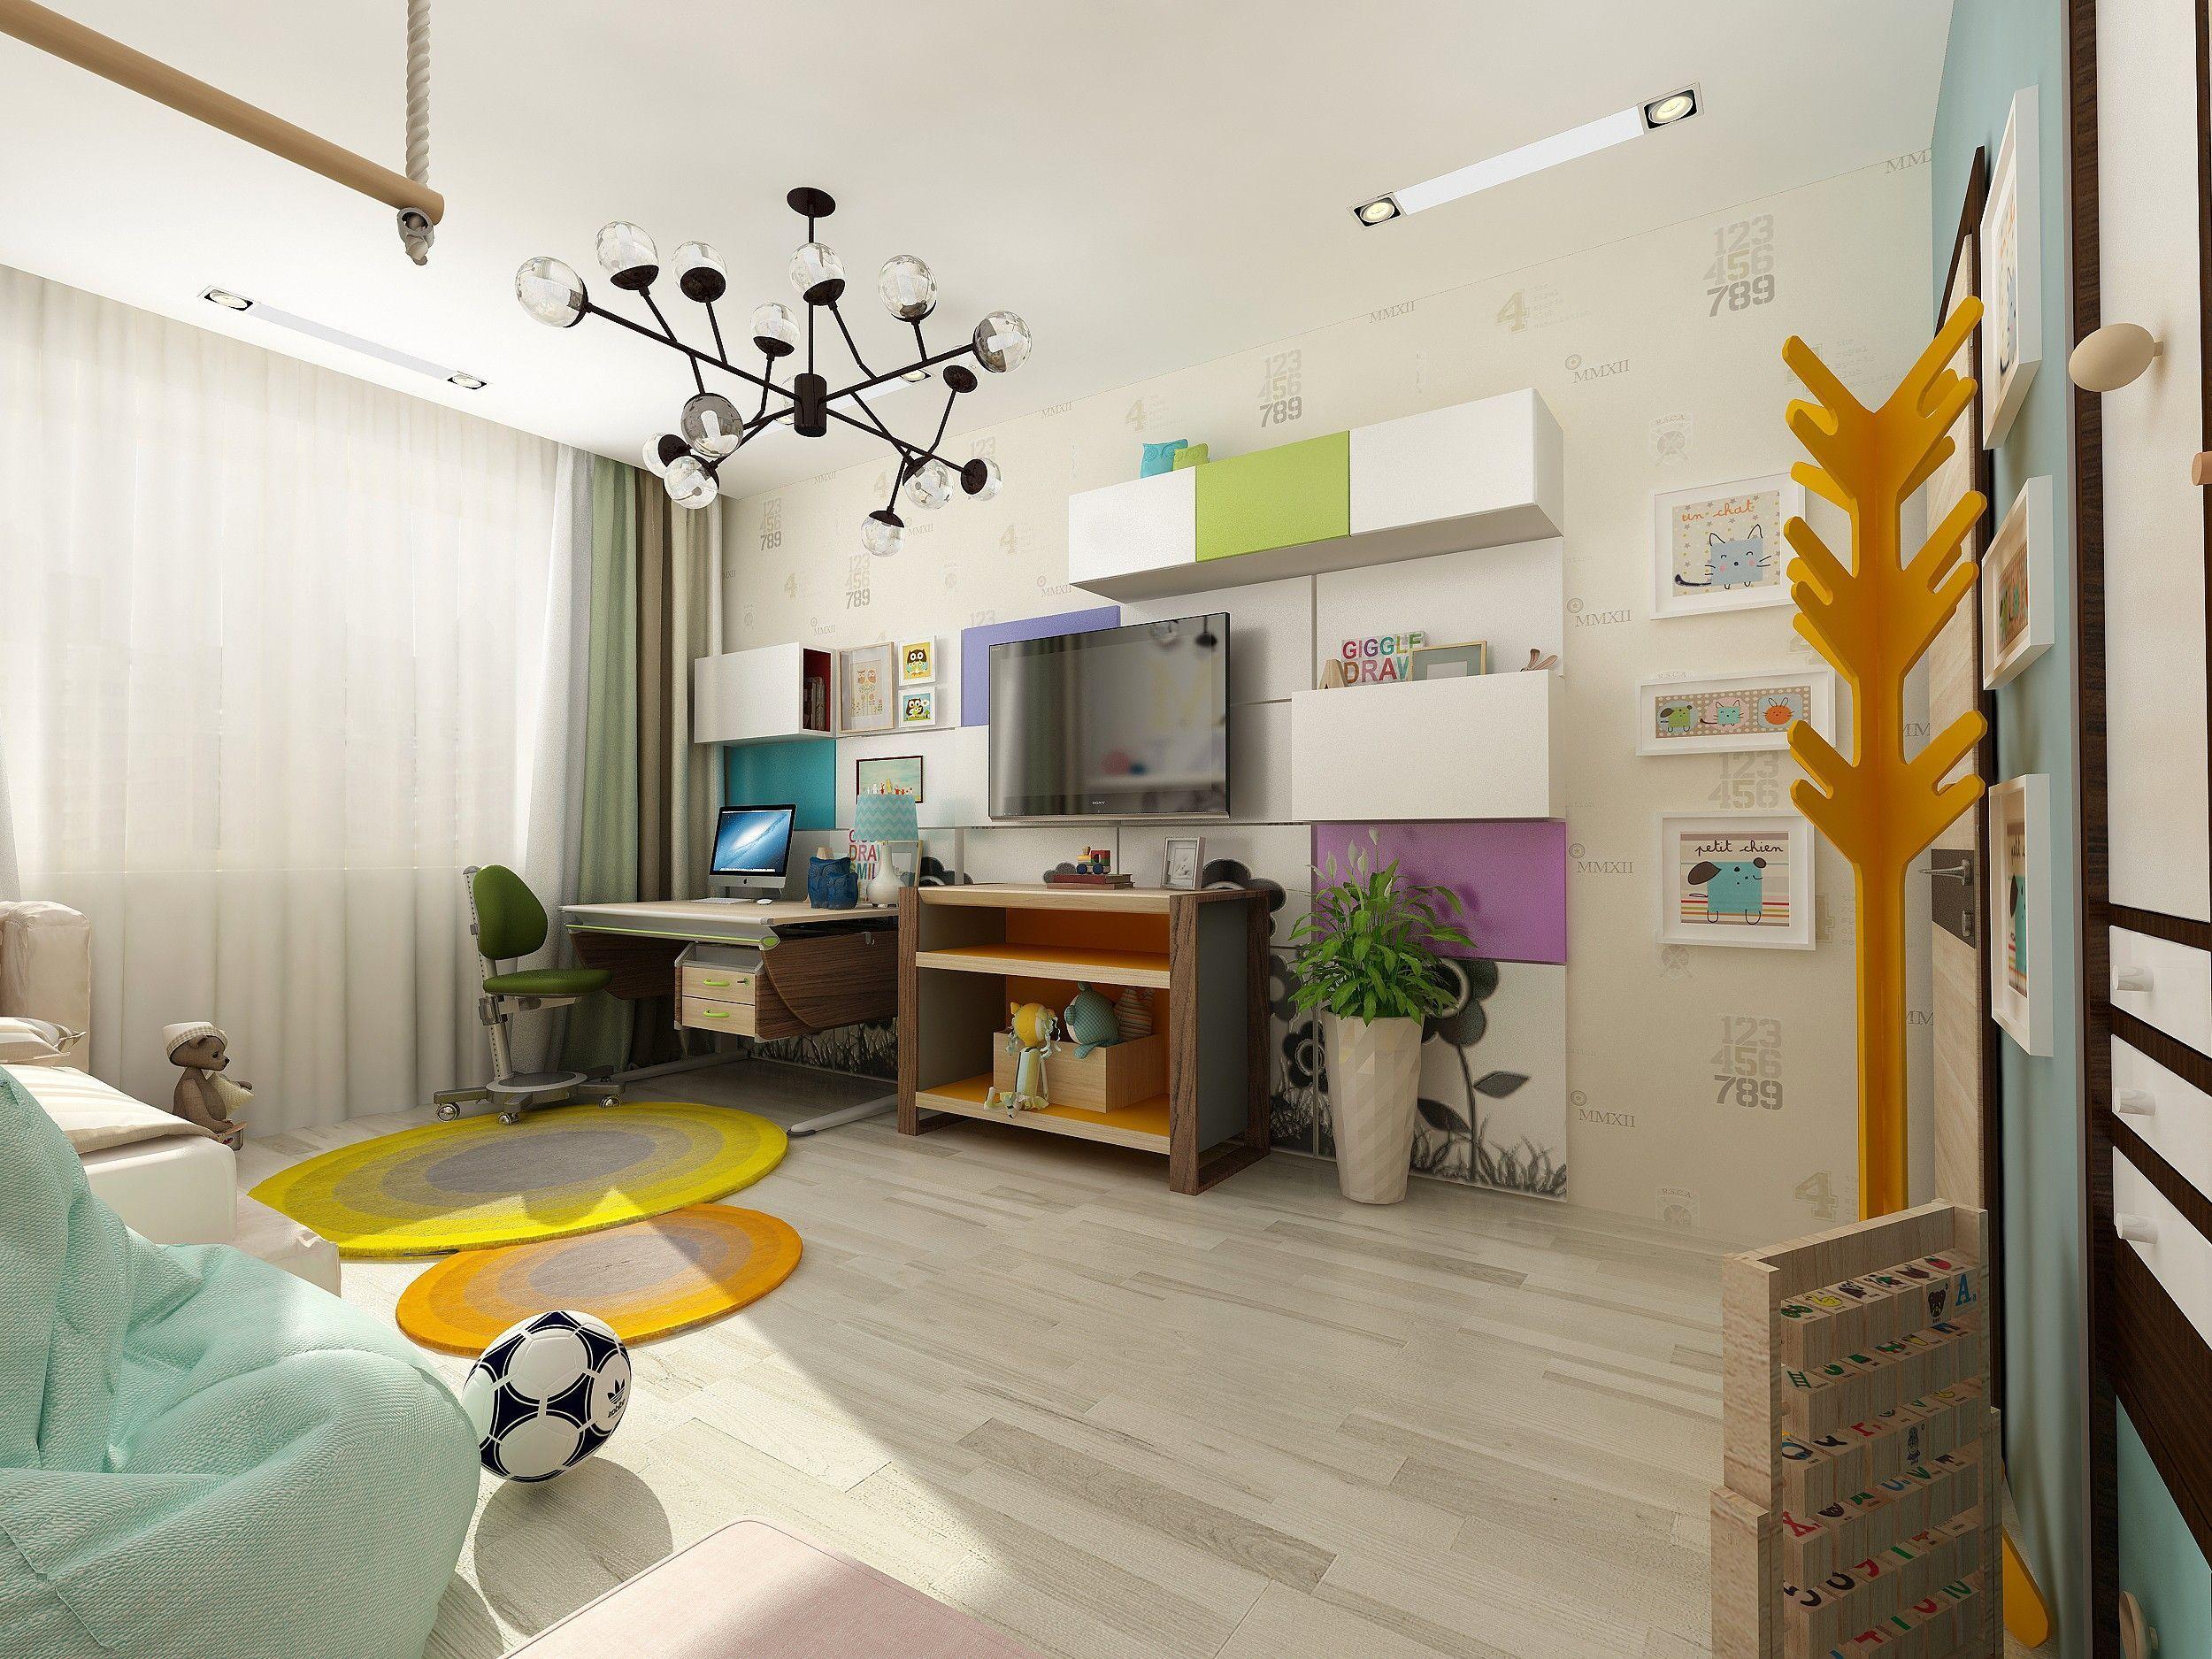 Детская комната: фото интерьера